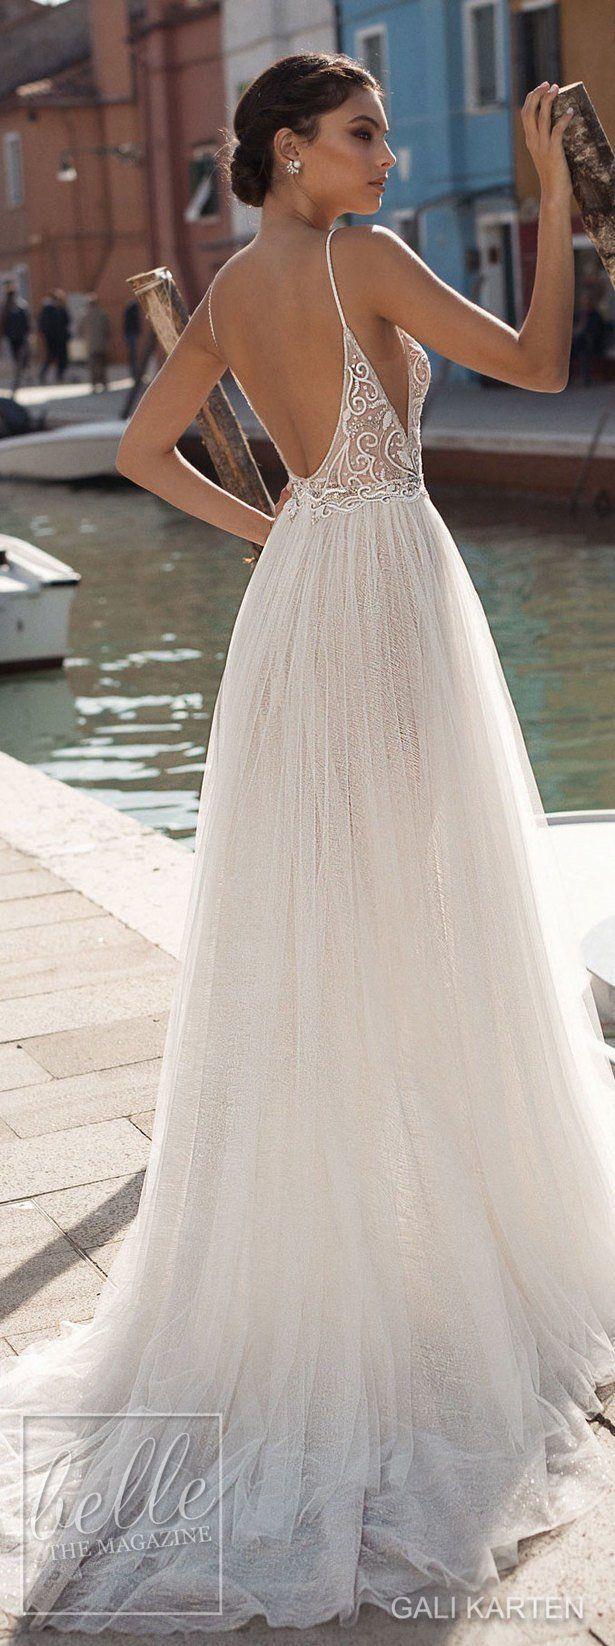 1225 best Fancy dresses images on Pinterest | Dress skirt, Bohemian ...